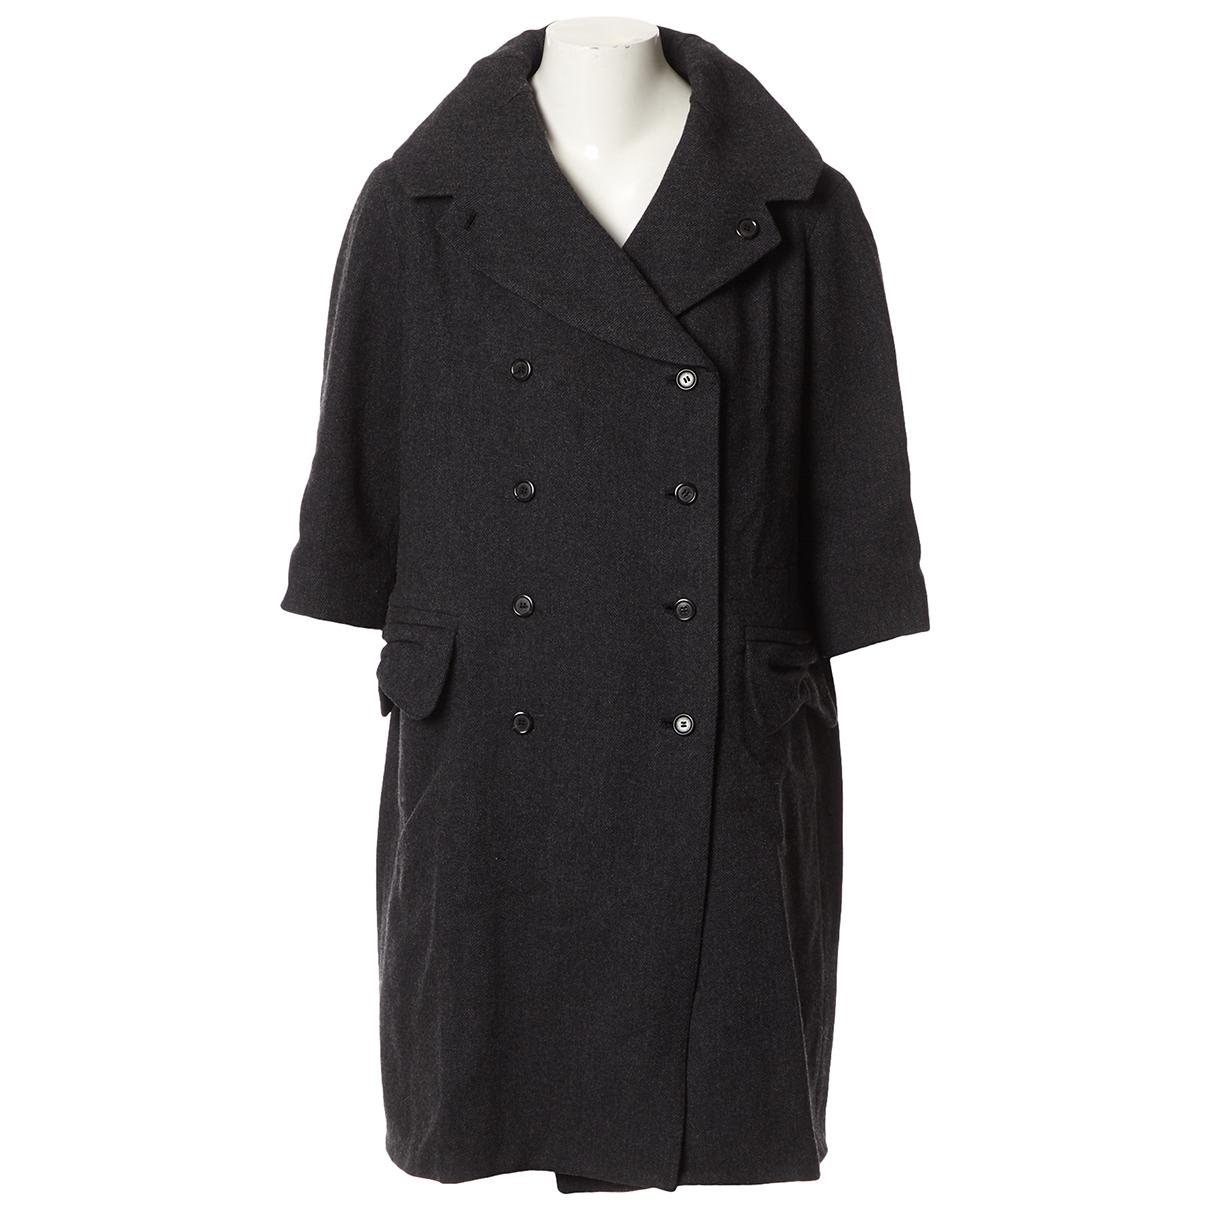 Louis Vuitton - Manteau   pour femme en laine - gris